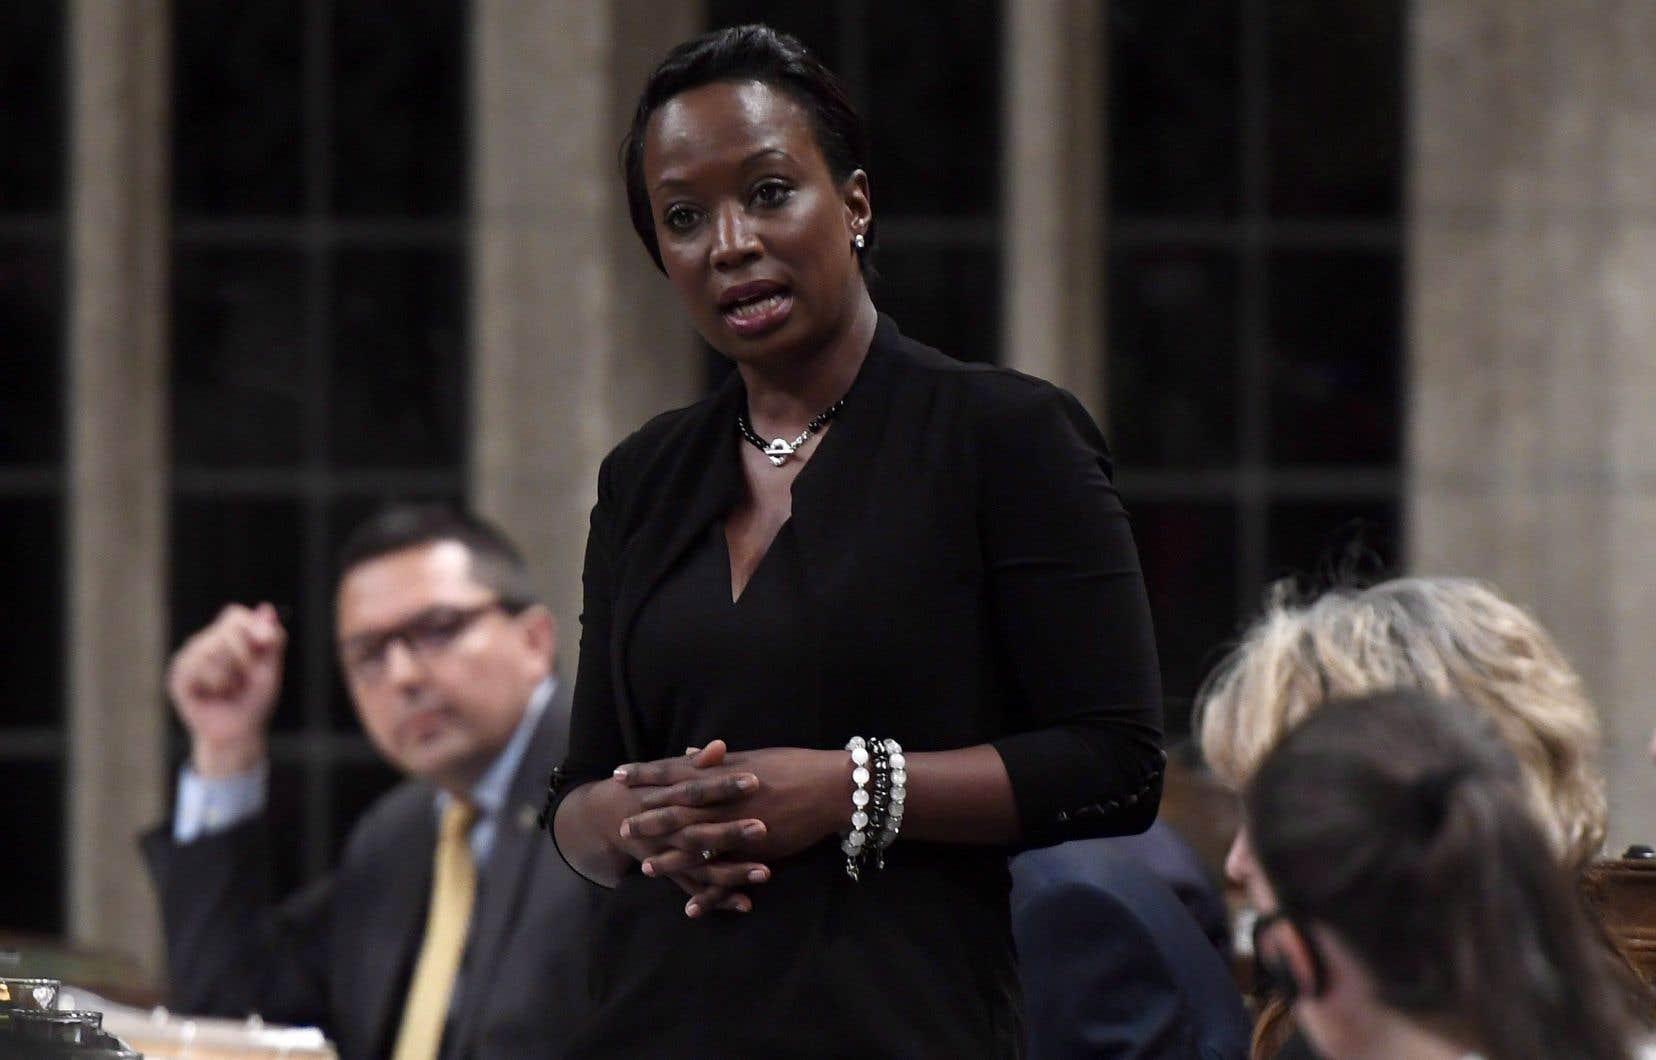 La députée ontarienne de Whitby, Celina Caesar-Chavannes, s'était distanciée du premier ministre Justin Trudeau dans les dernières semaines.